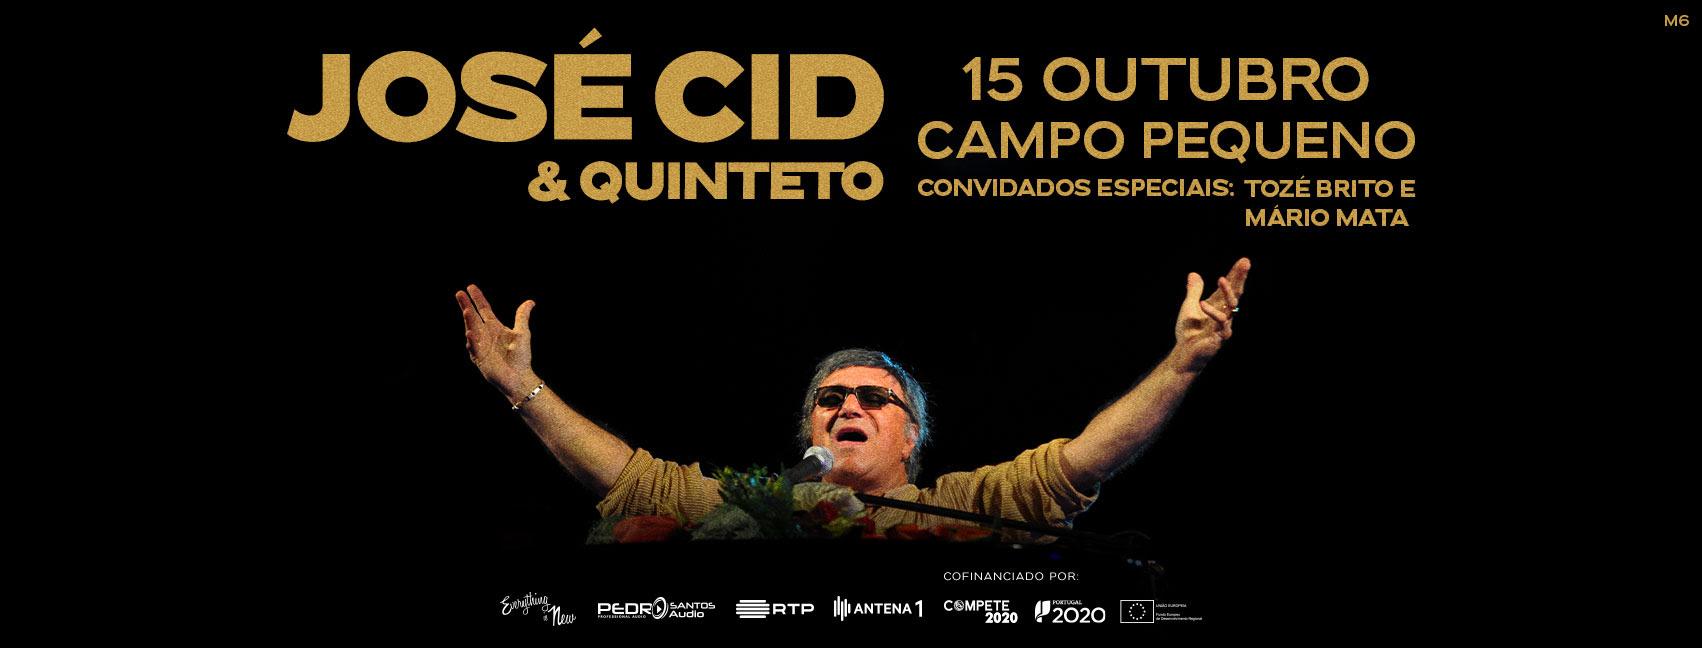 José Cid & Quinteto - Campo Pequeno - Ao vivo